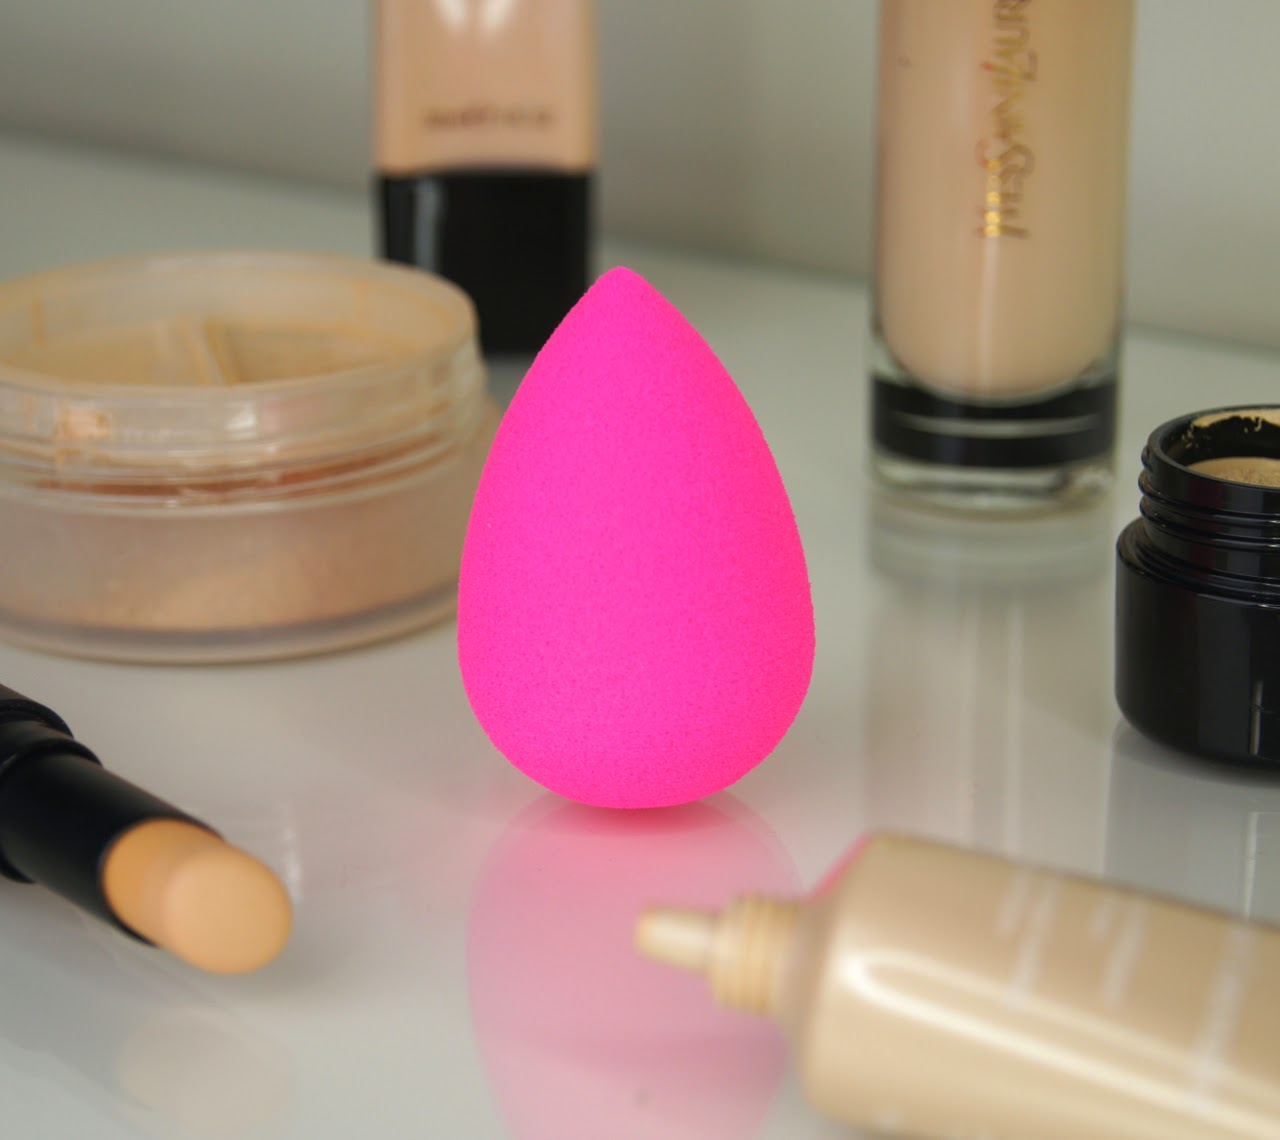 original beauty blender review alicegracebeauty uk beauty blog. Black Bedroom Furniture Sets. Home Design Ideas